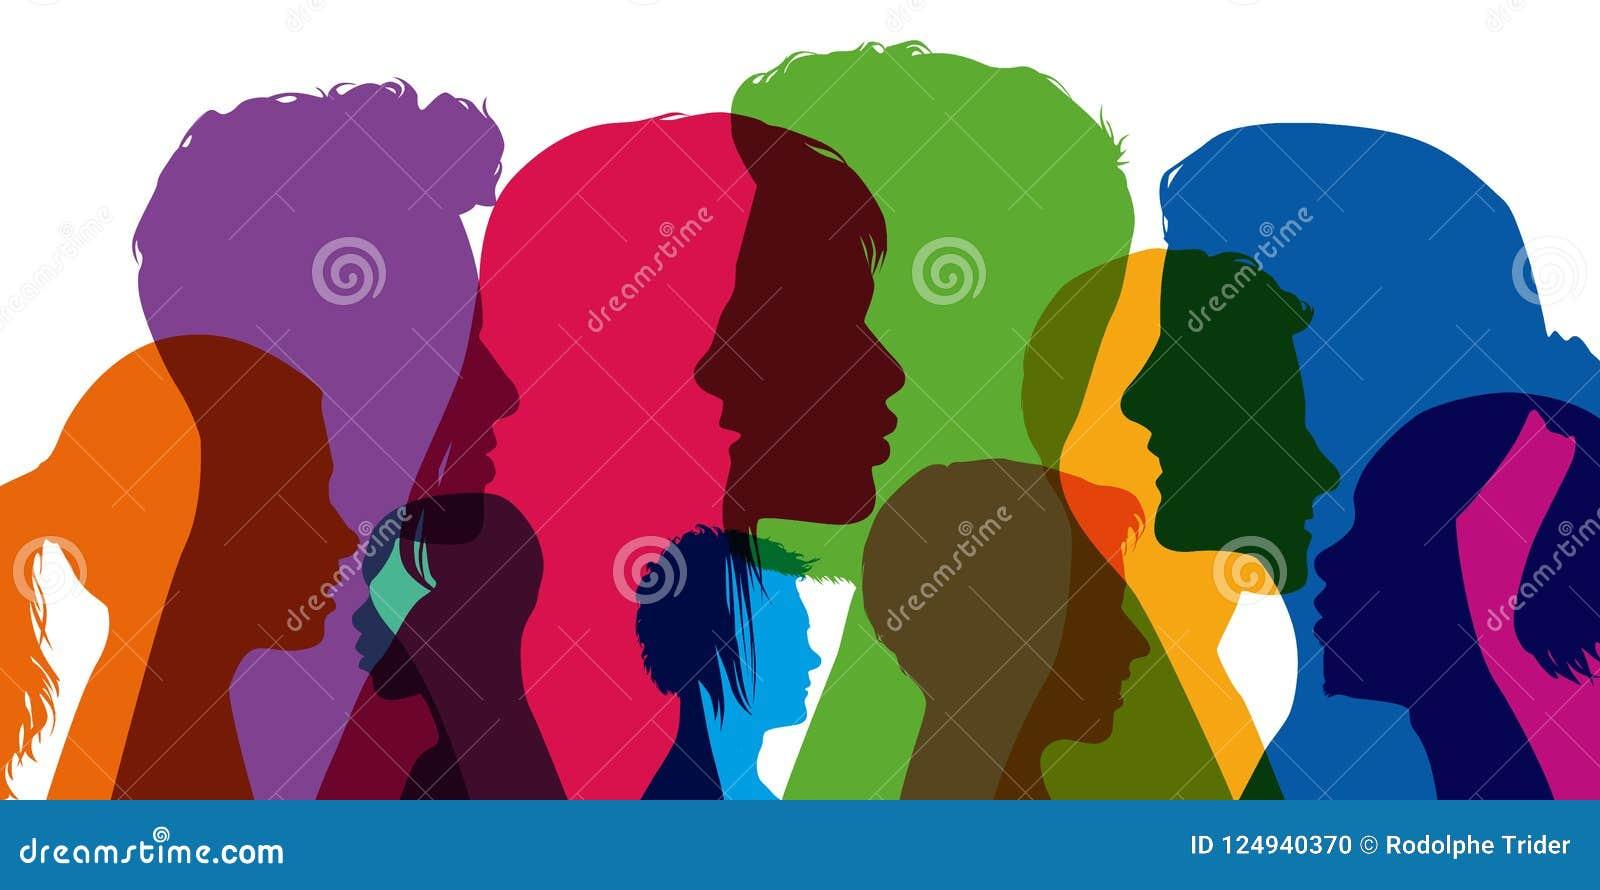 Концепция разнообразия, с силуэтами в цветах; показывать различные профили молодых человеков и женщин